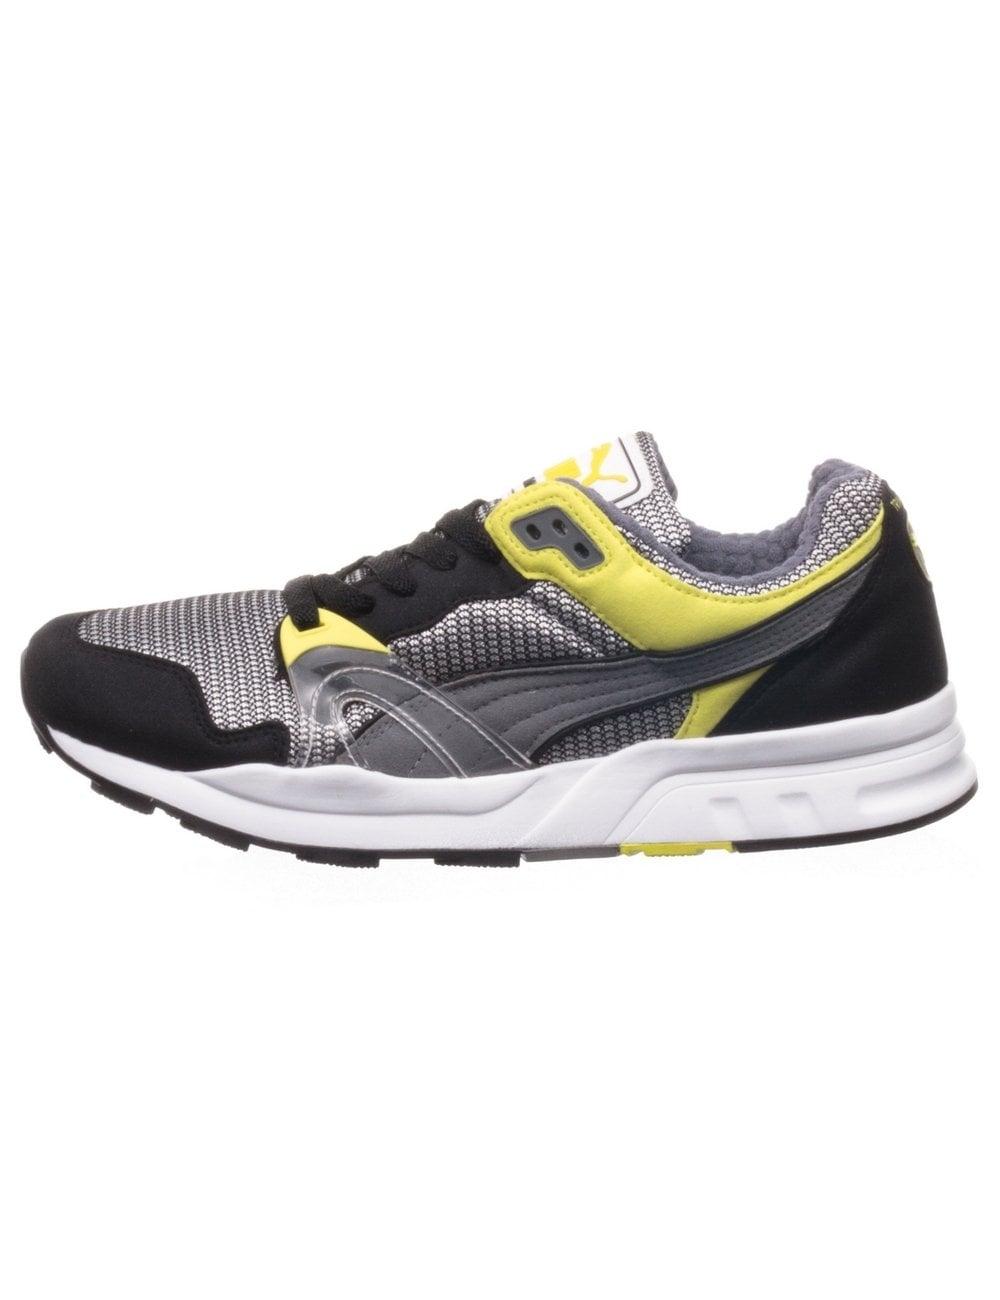 04186933350 Puma Trinomic XT1 - Black Steel Grey - Footwear from Fat Buddha Store UK